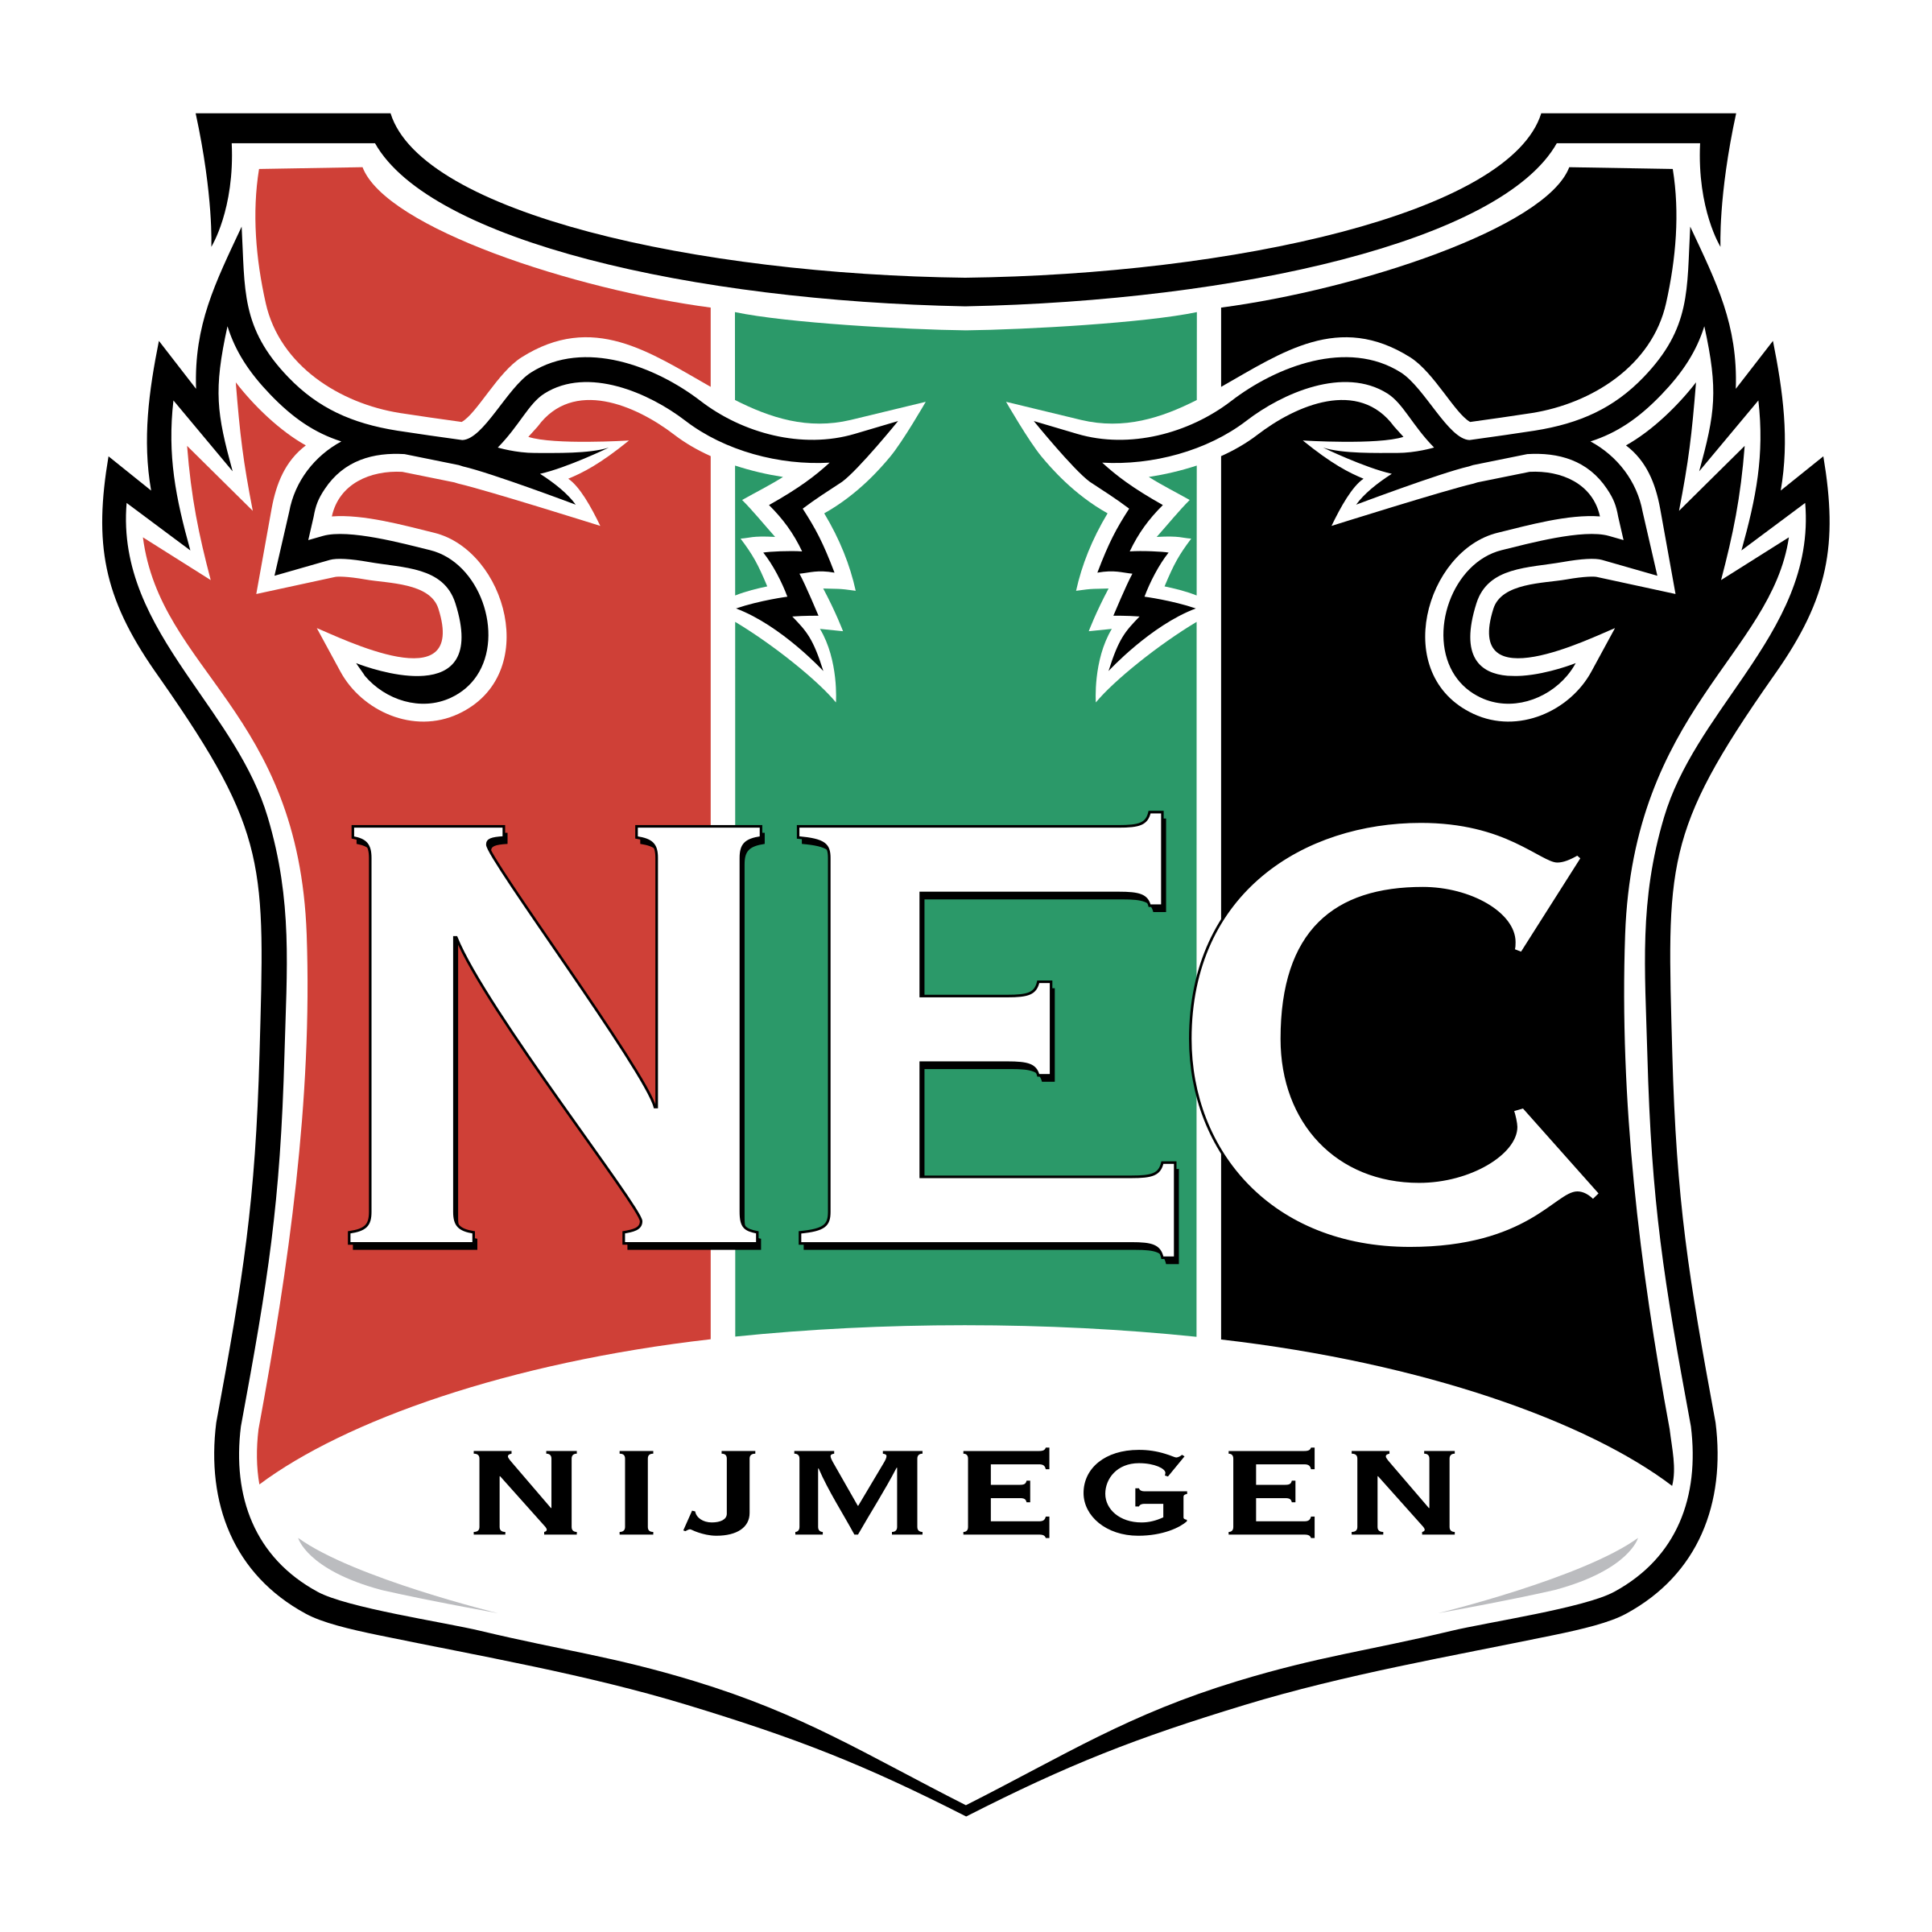 NEC Nijmegen Logo PNG Transparent & SVG Vector.